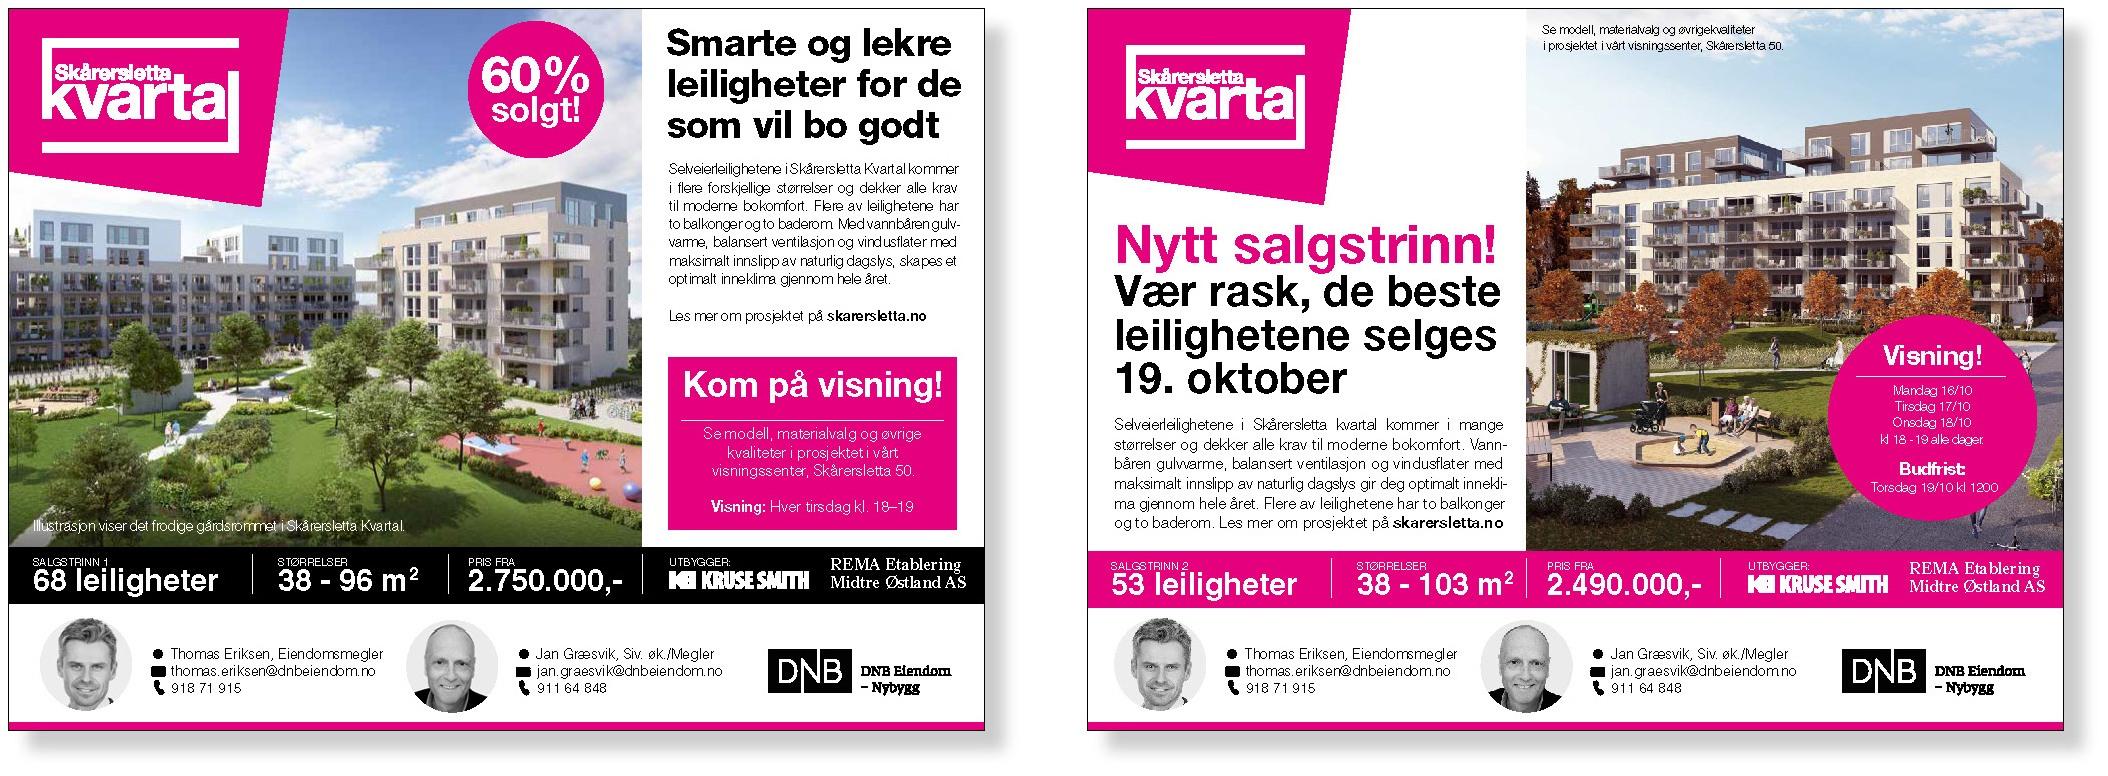 Annonser for Skårersletta kvartal laget av Oktan Oslo